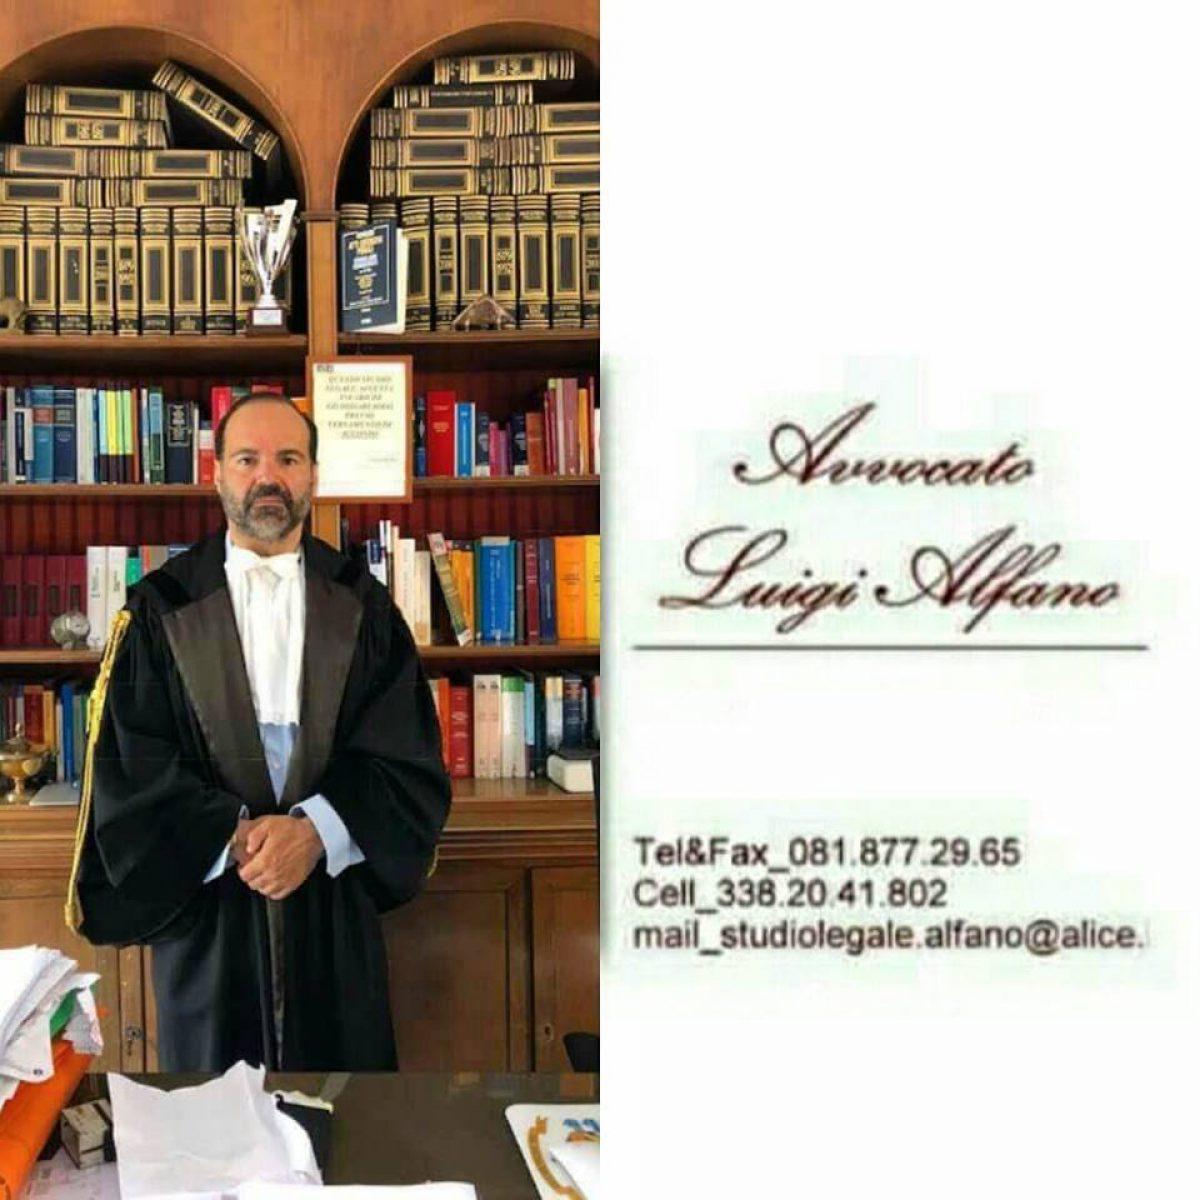 Avvocato Luigi Alfano